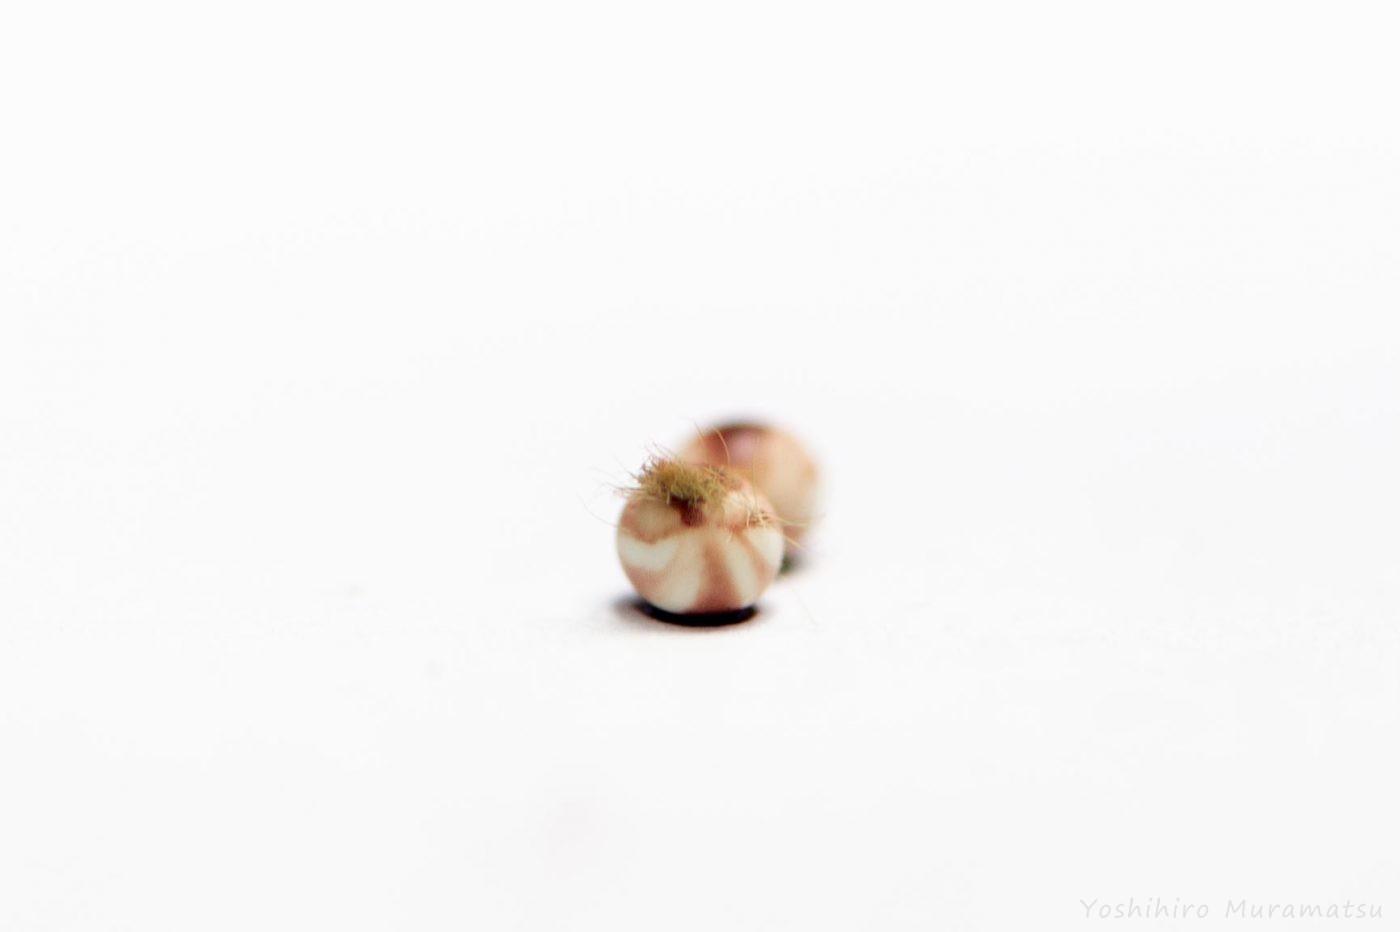 ヨナグニサンの卵の写真